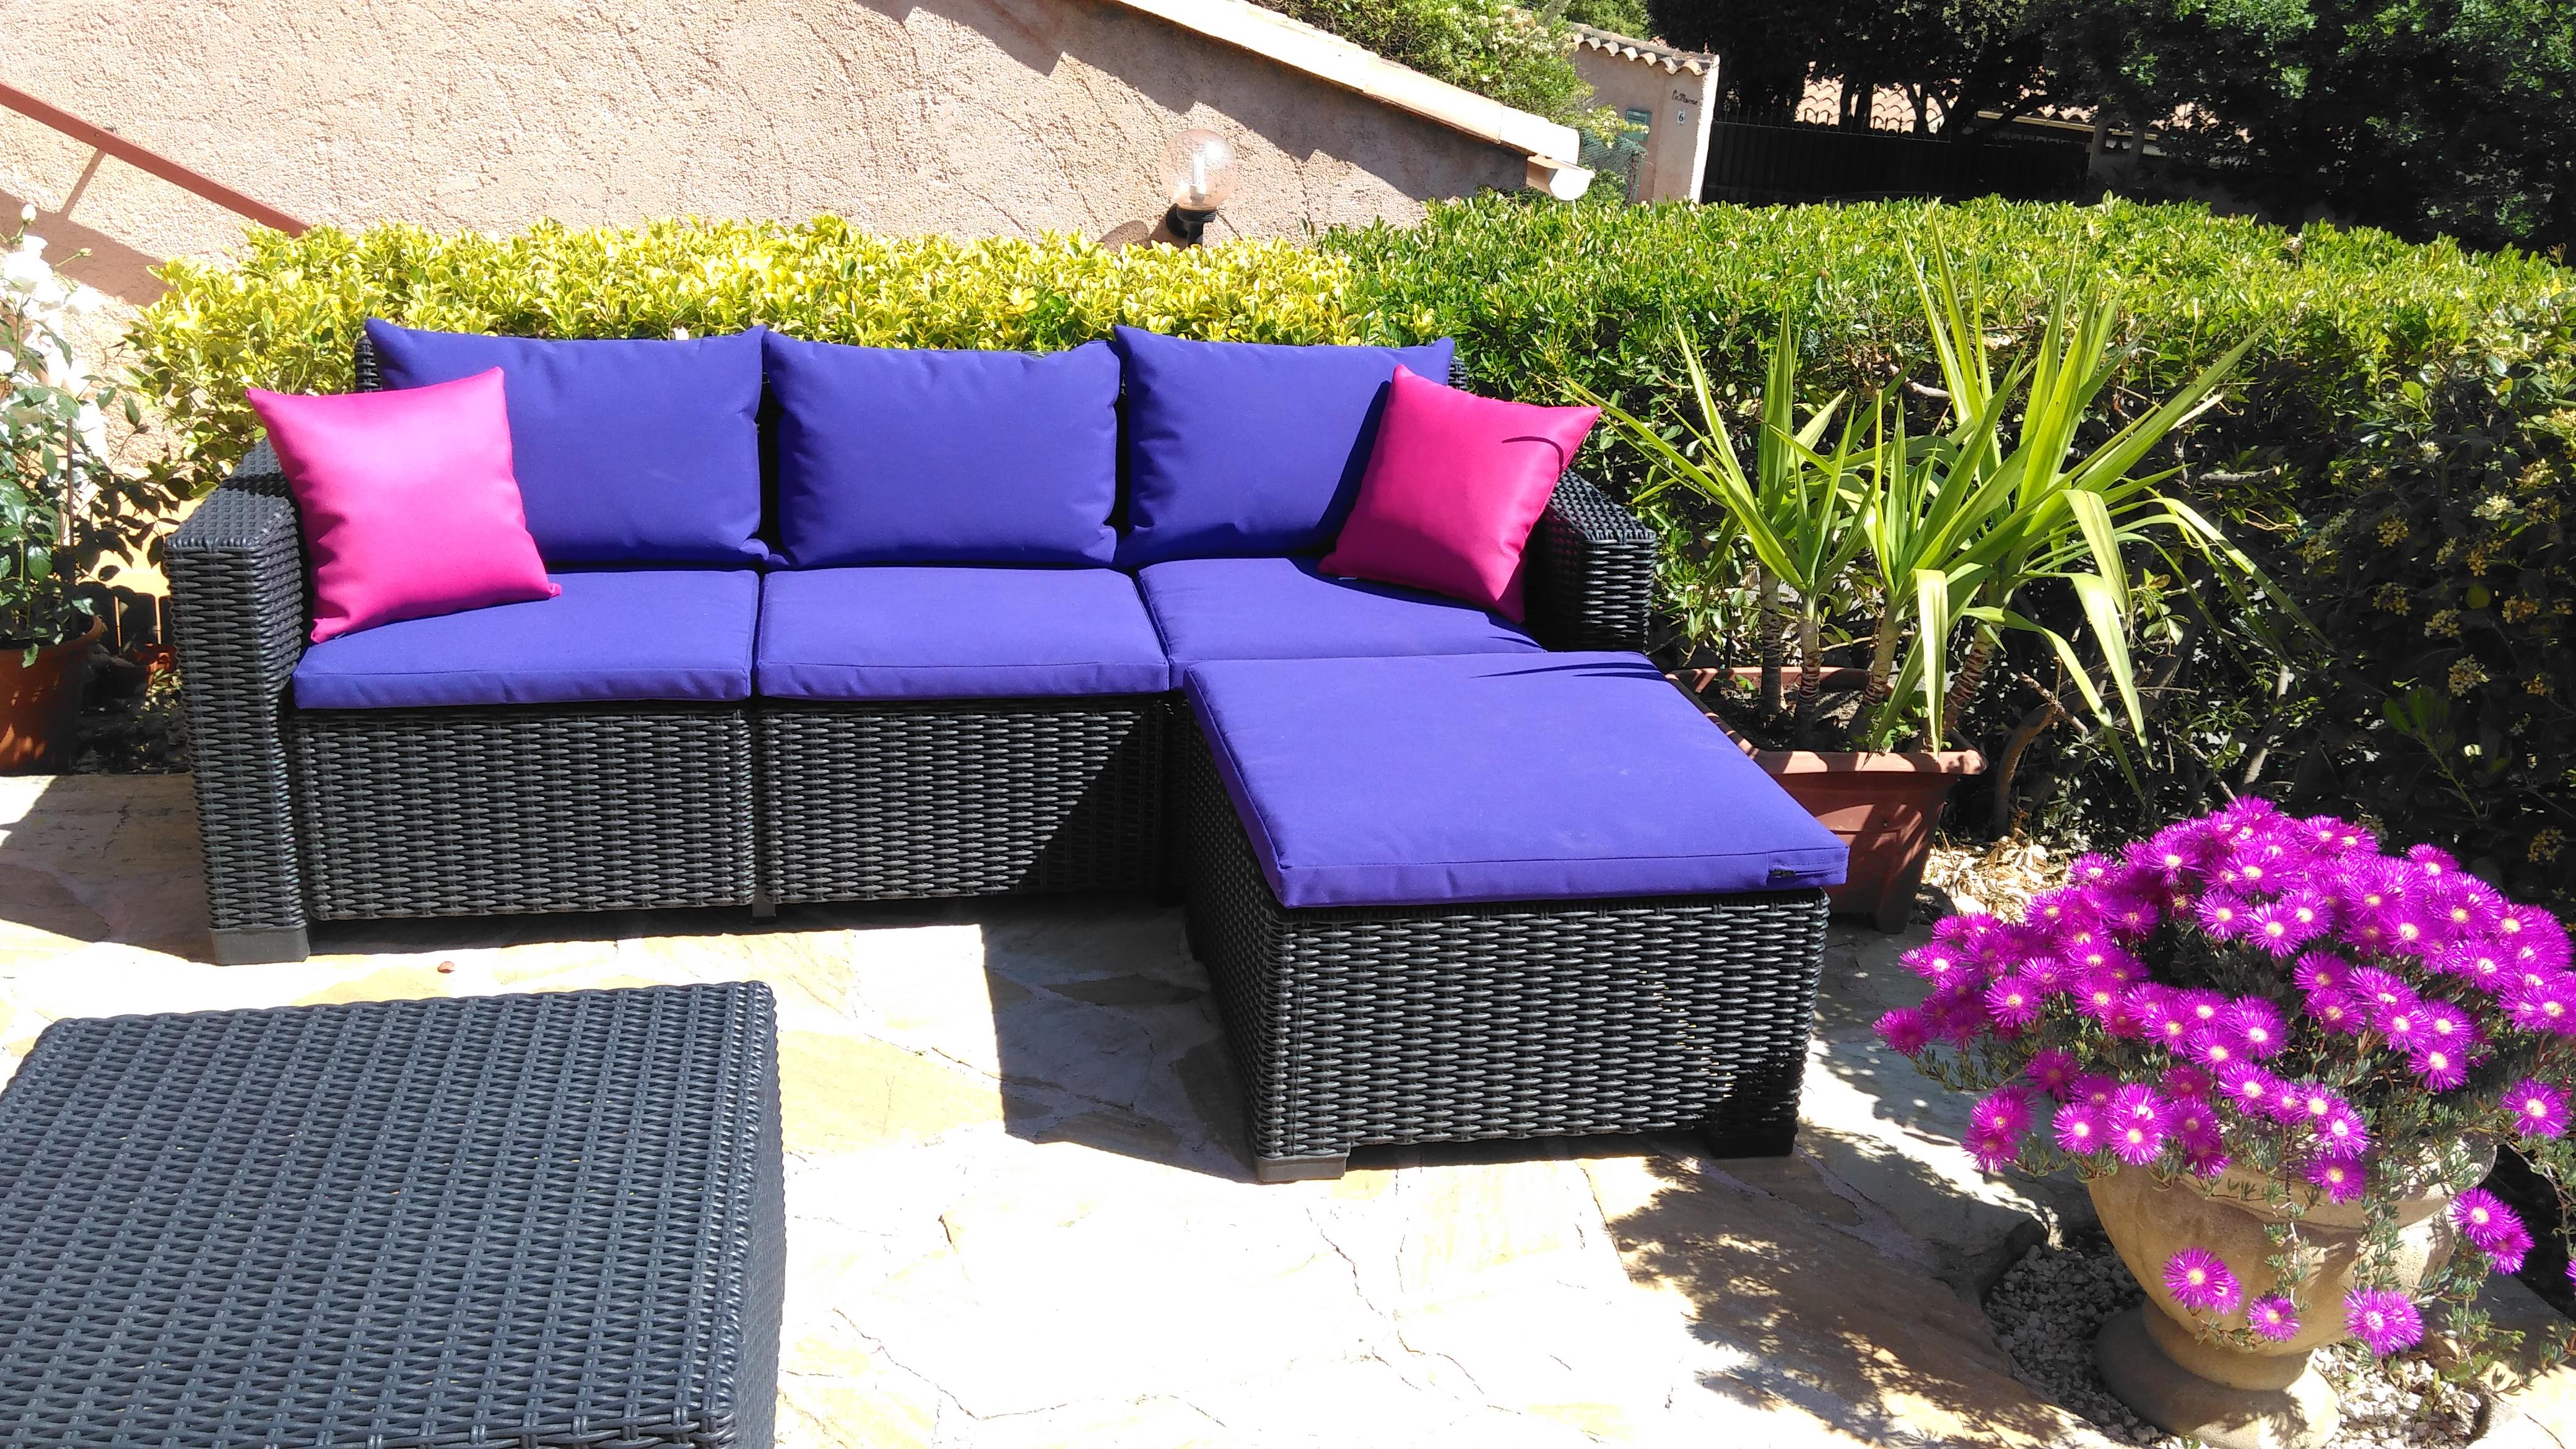 Grand Coussin Pour Exterieur coussin extérieur pour terrasse - achat décoration extérieur